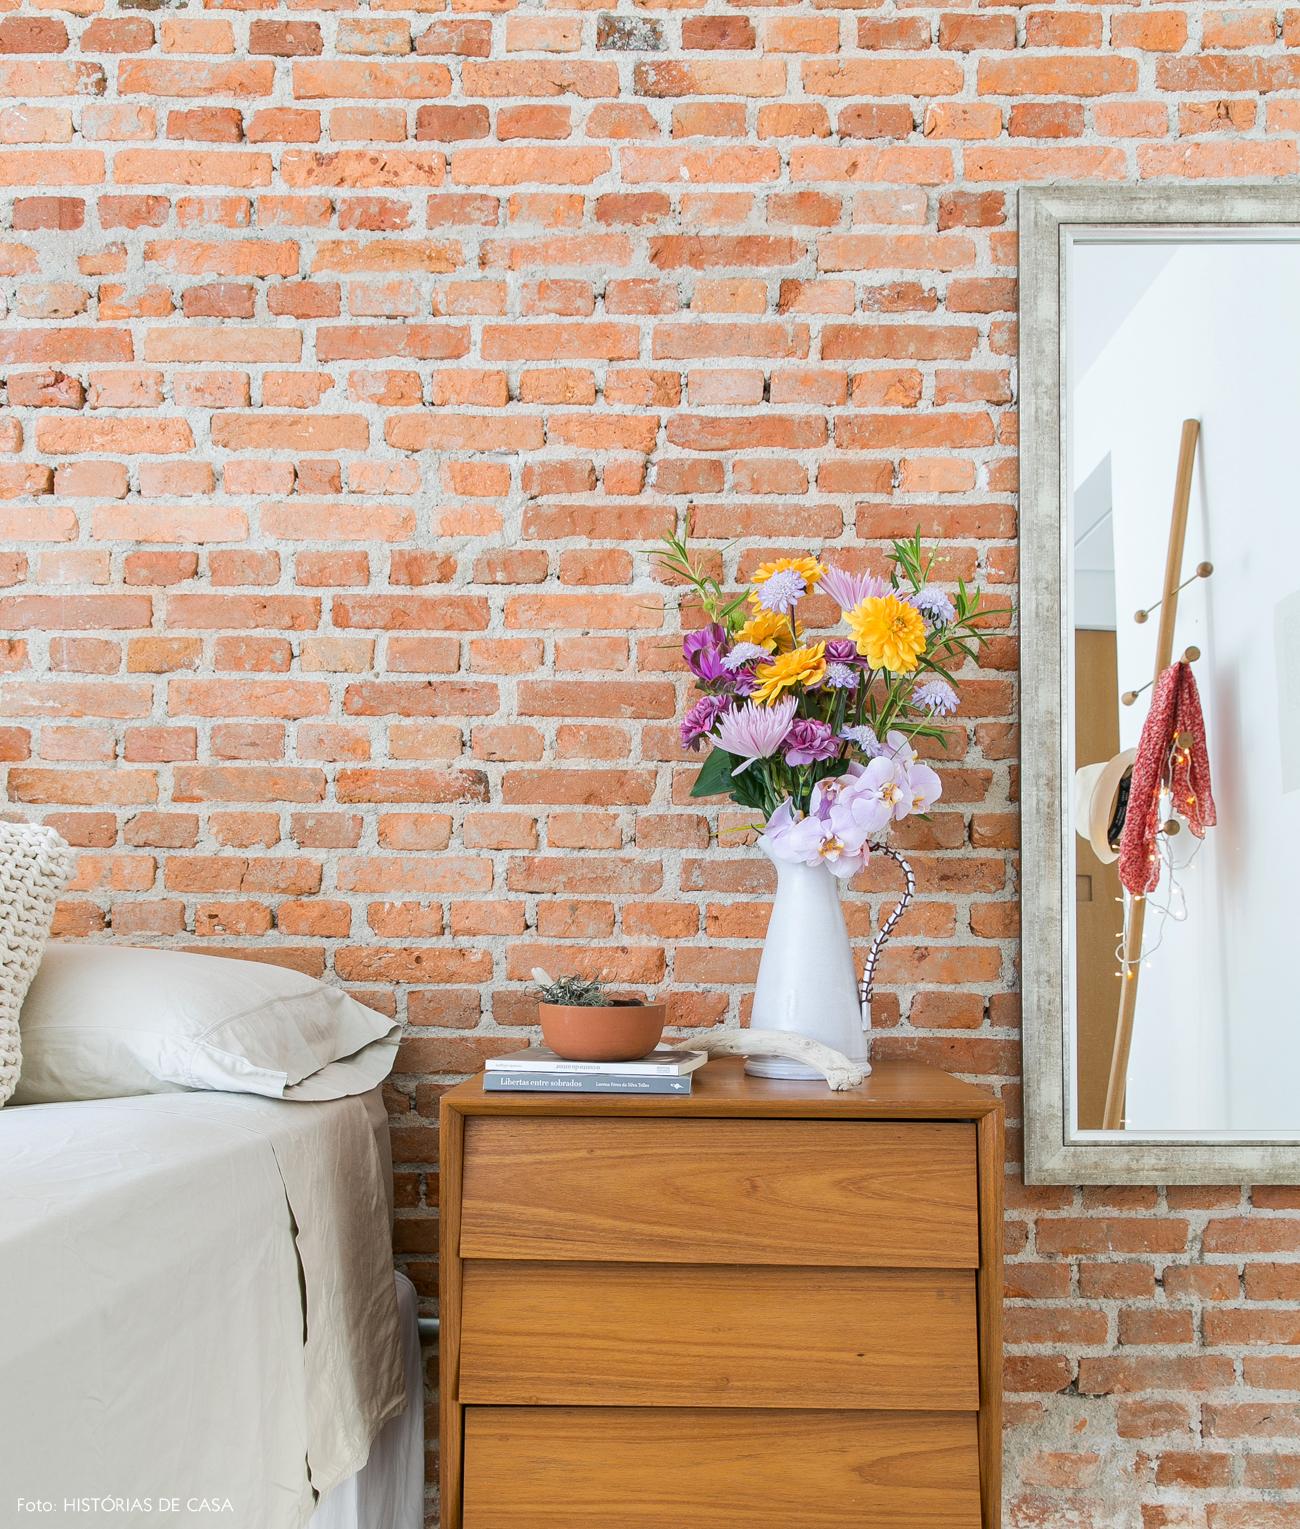 35-decoracao-quarto-parede-tijolinho-criado-mudo-vintage